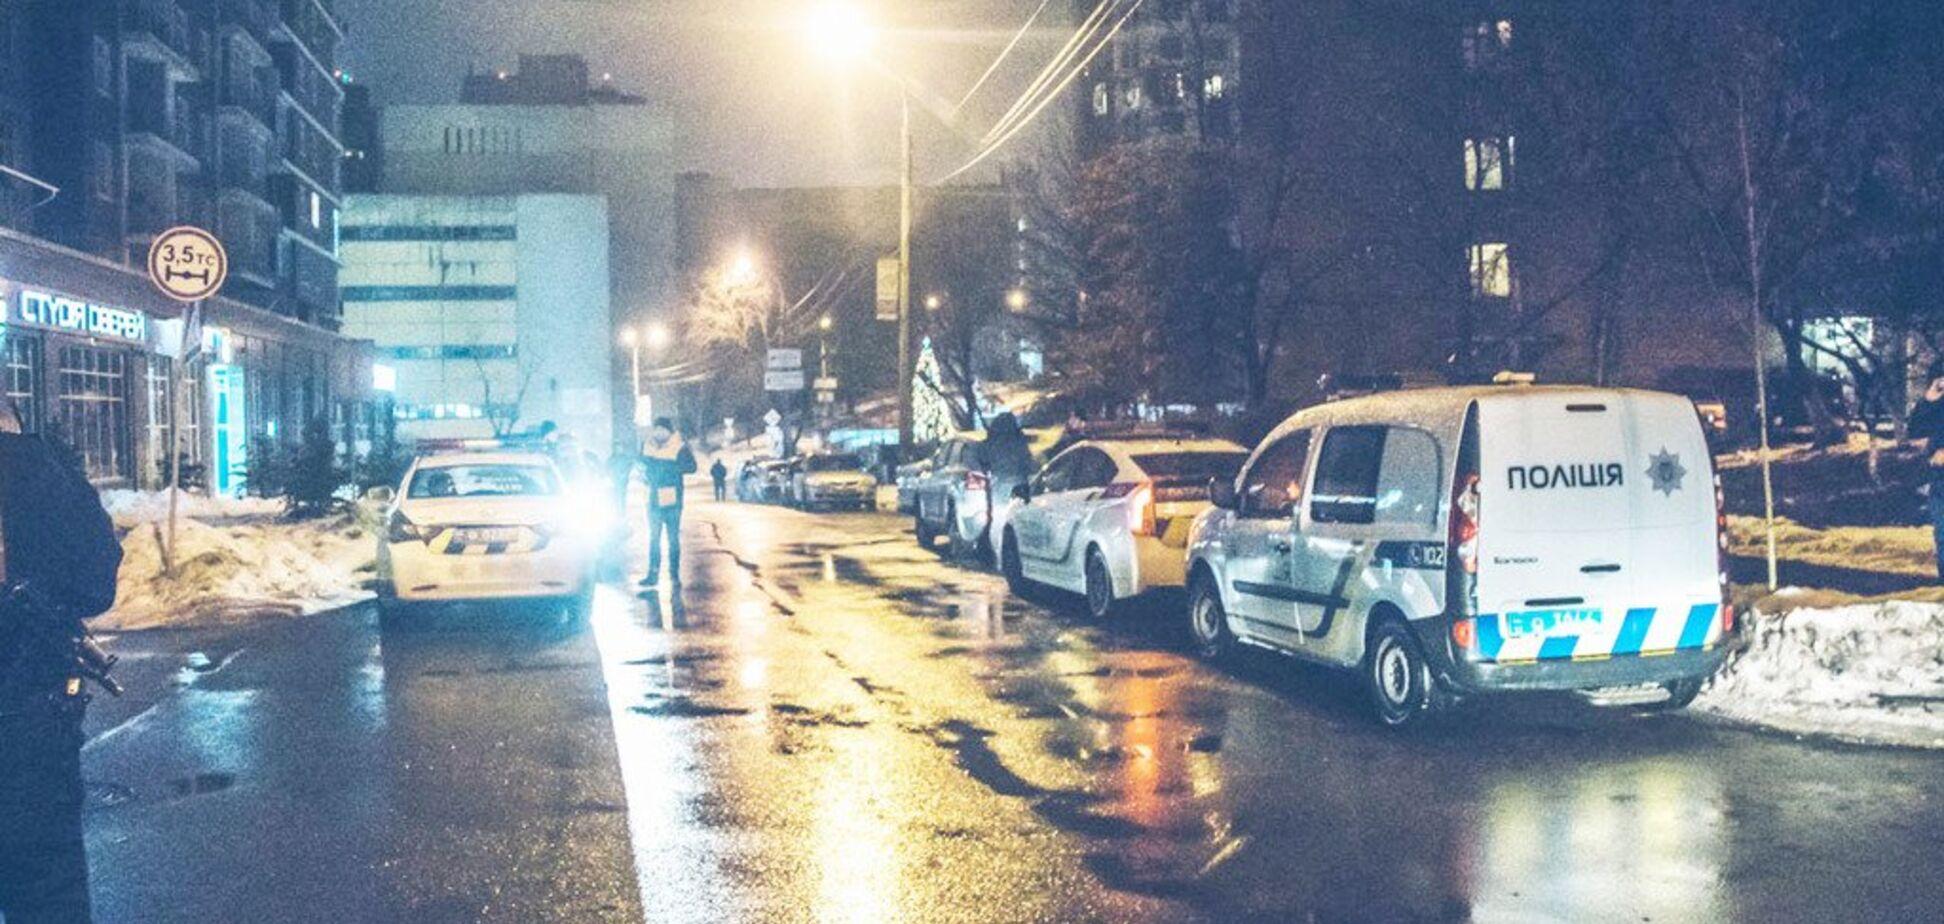 З одного удару: в елітному ЖК Києва ''собачник'' убив військового